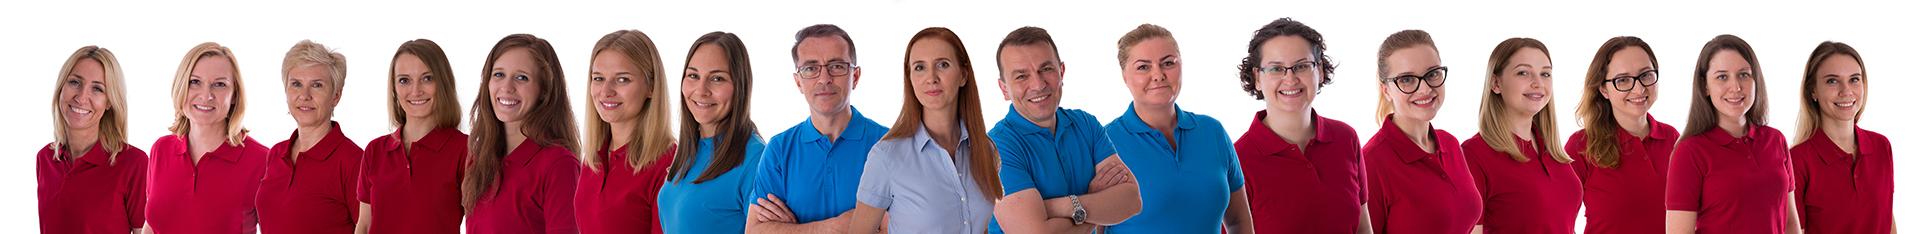 Stomatologia Fudalej zespół